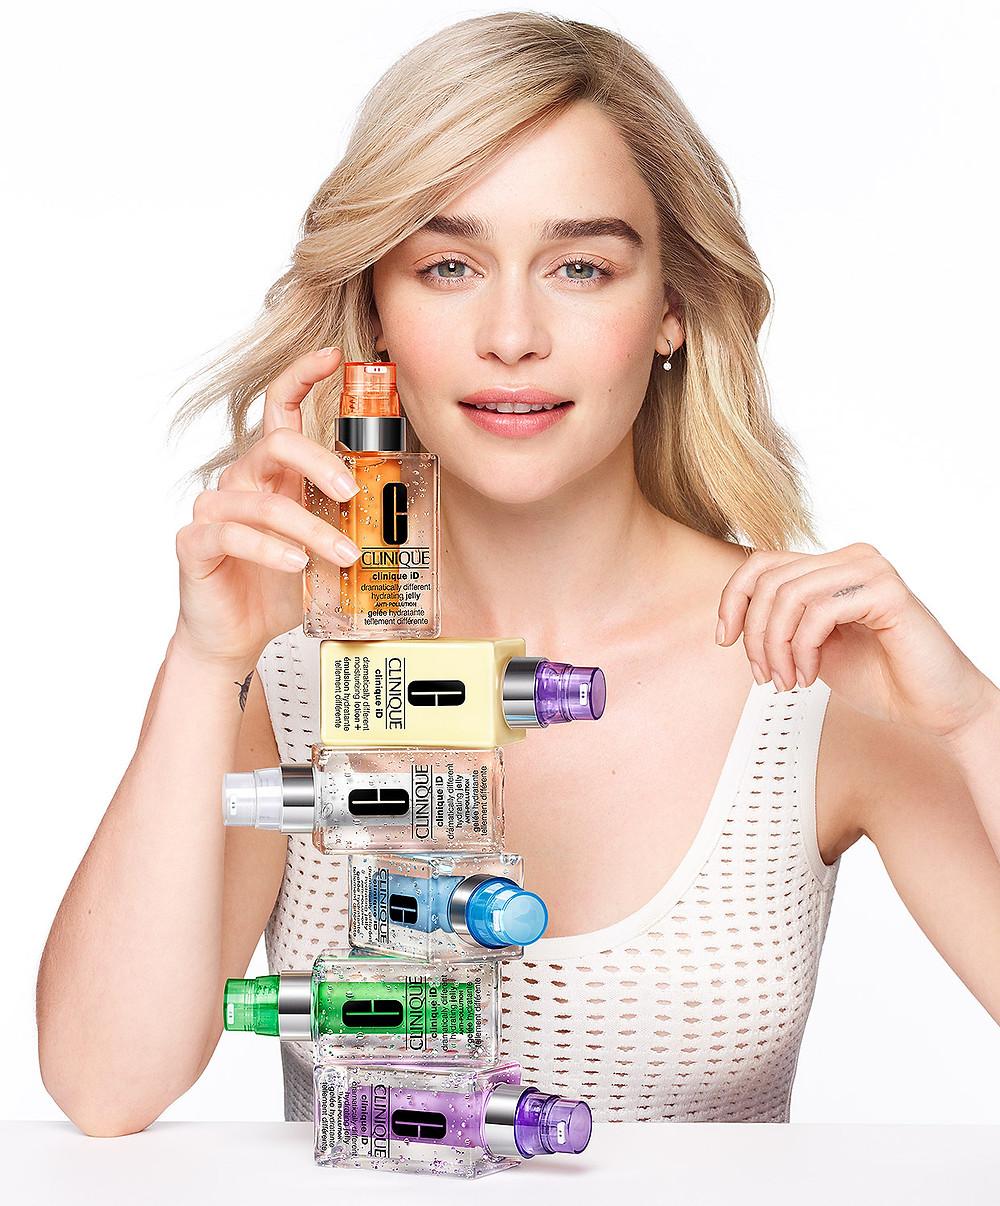 L'actrice à succès révélée dans la série HBO Game of Thrones règne désormais en tant qu'Ambassadrice mondiale de Clinique, pour les soins de la peau et du maquillage. Une première pour la marque de cosmétique. /Topwalk Magazine, Melissa N'Dila, 2019